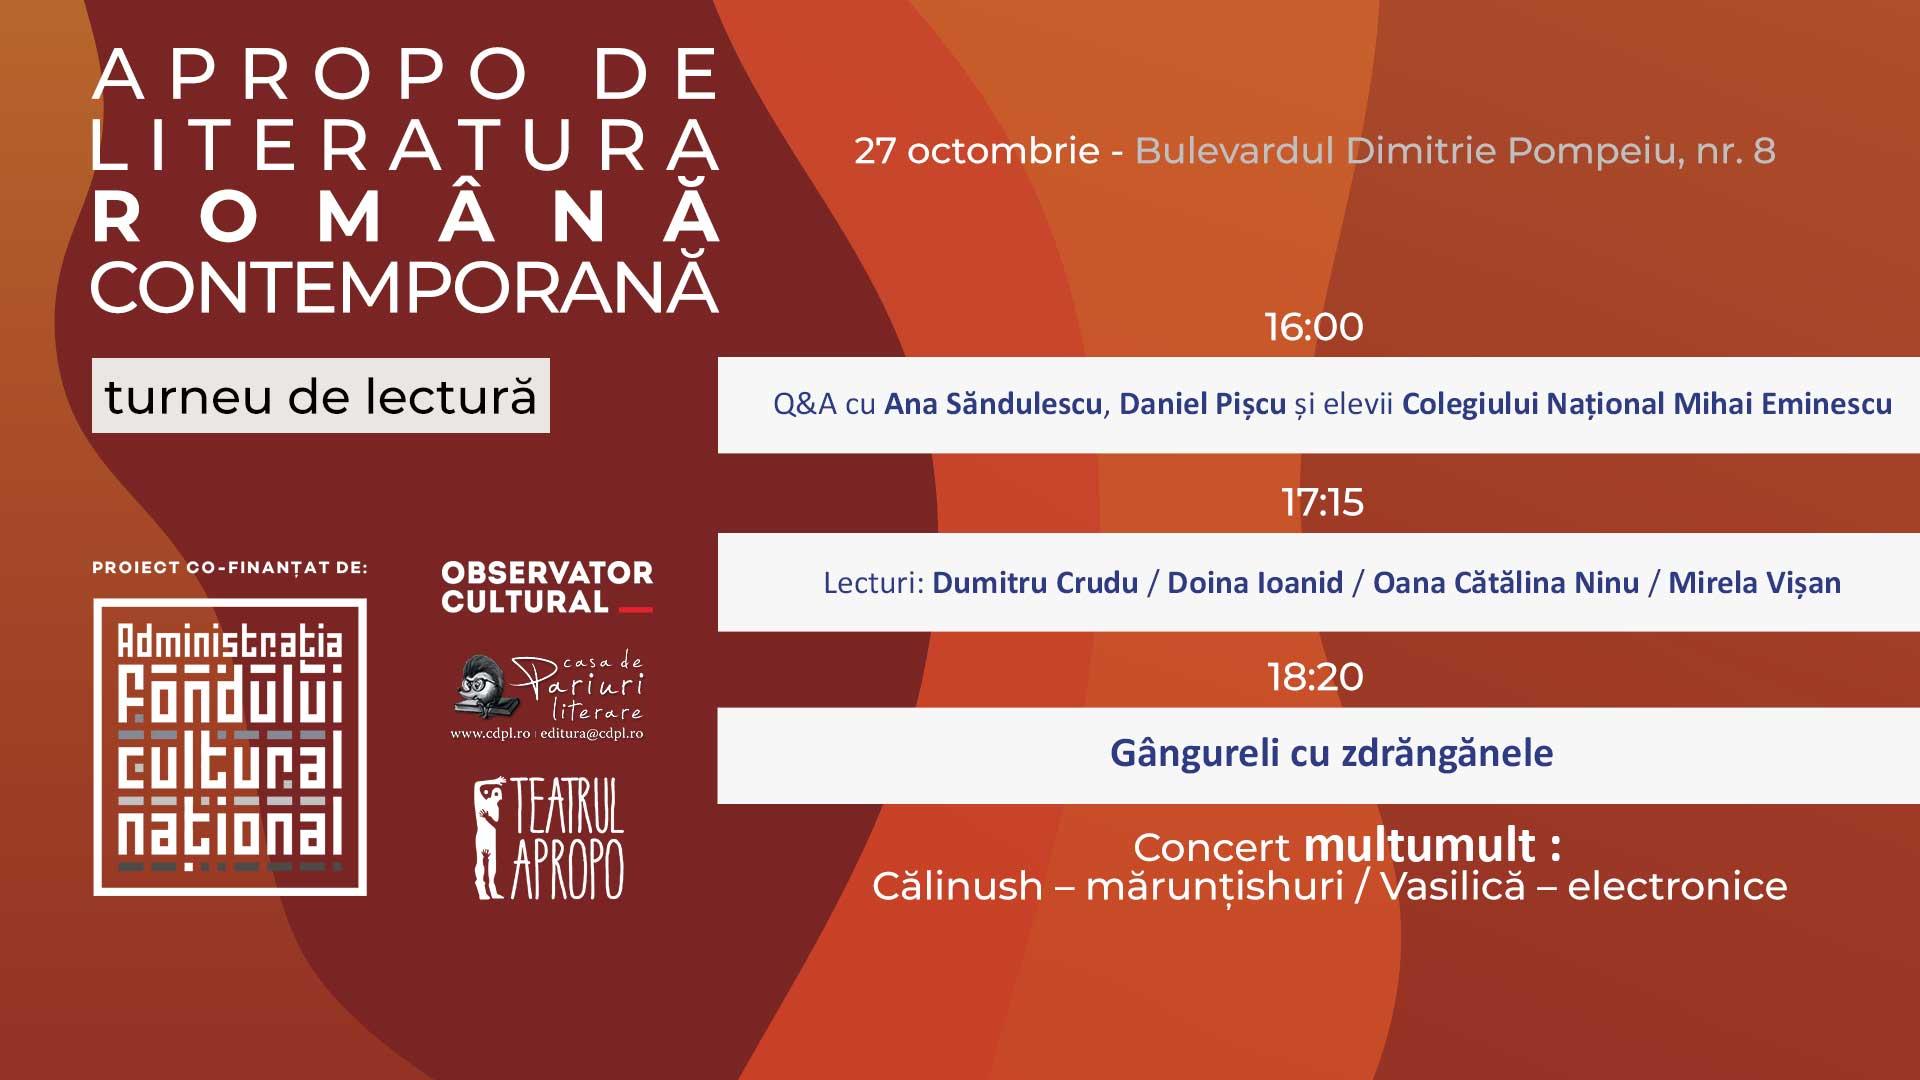 APROPO de Literatura română contemporană (27 octombrie)